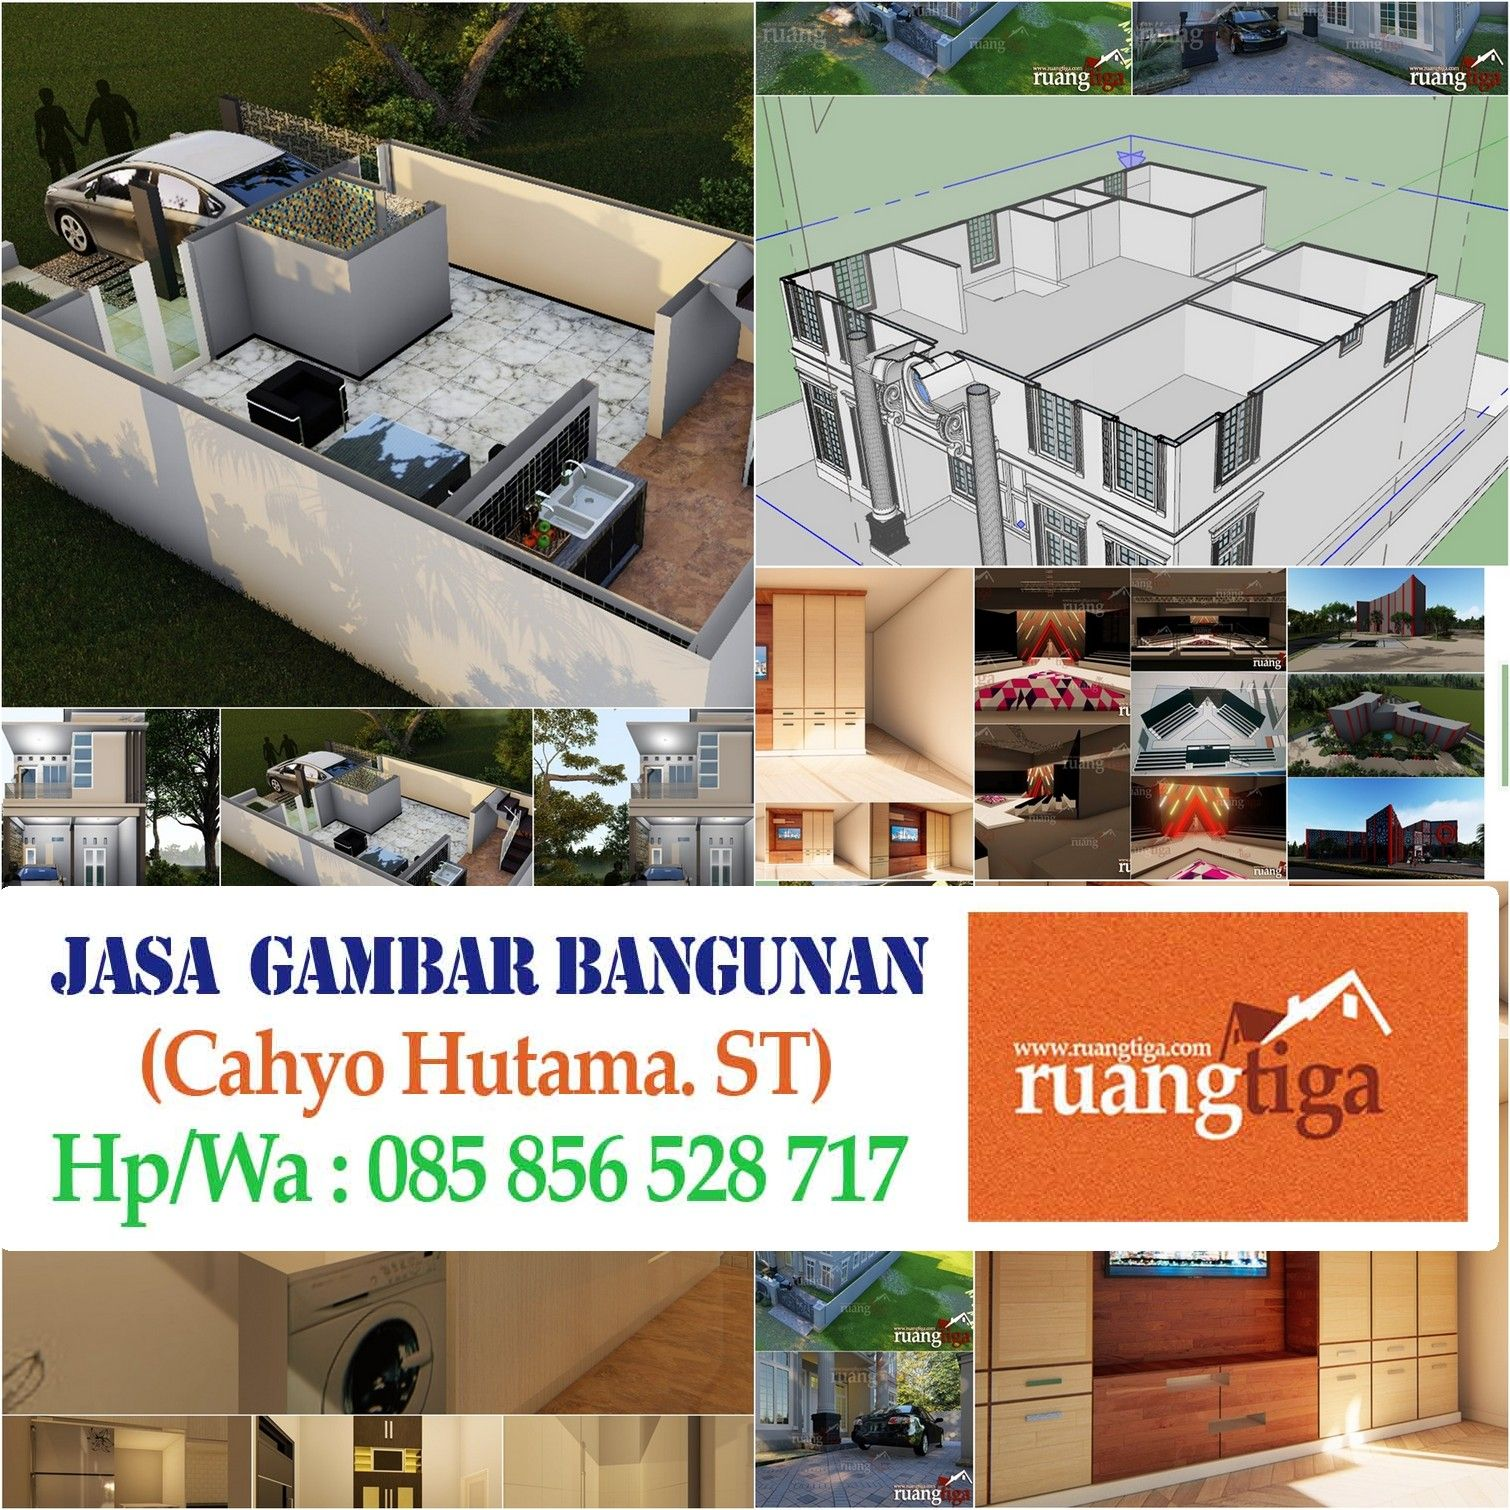 085856528717 Jasa Gambar Autocad Tangerang Jasa Pembuatan Desain Perumahan Jasa Desain Rumah M Rumah Desain Rumah Autocad